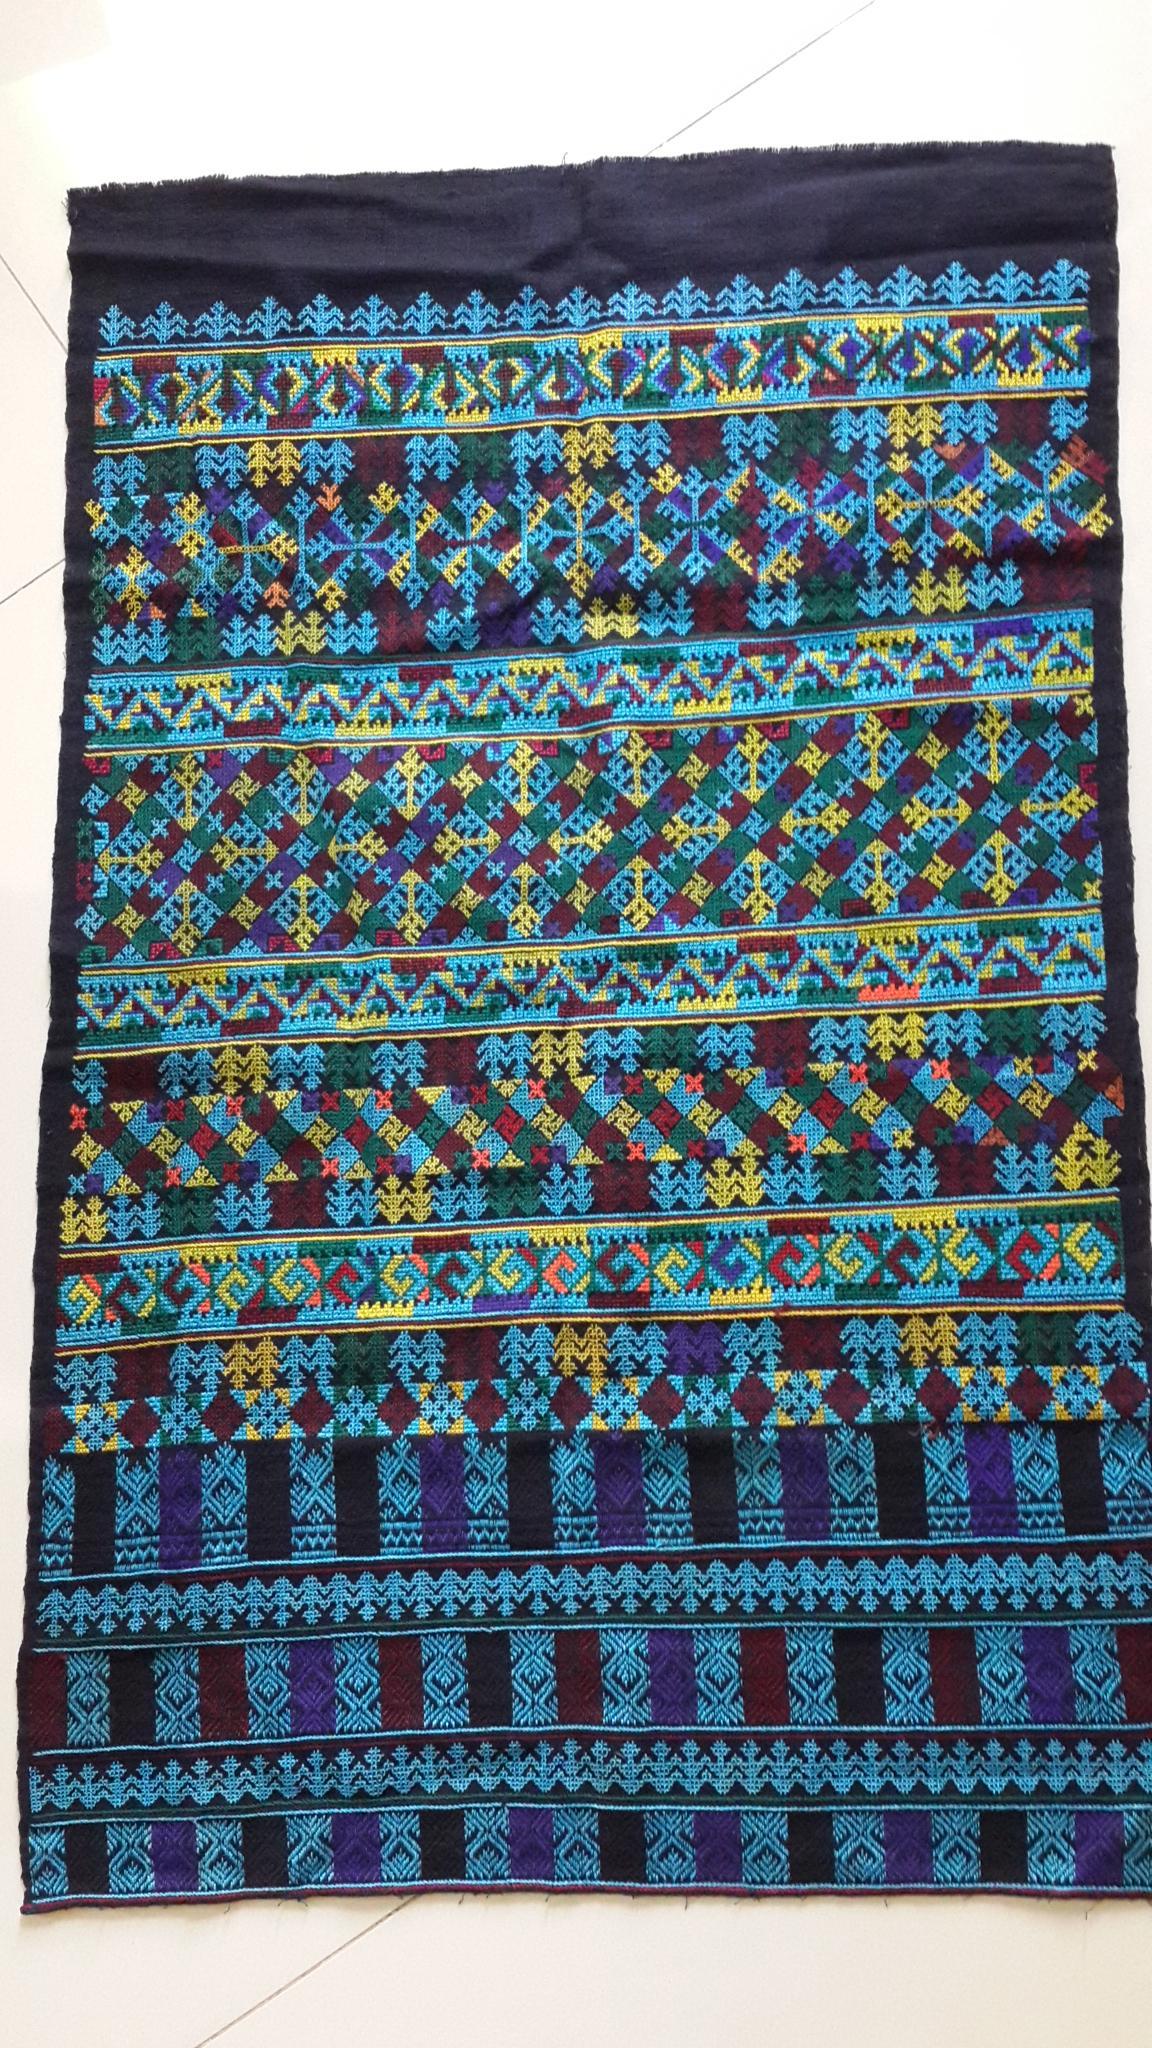 ผ้าปักลายกางเกง โทนสีน้ำเงินสดใส